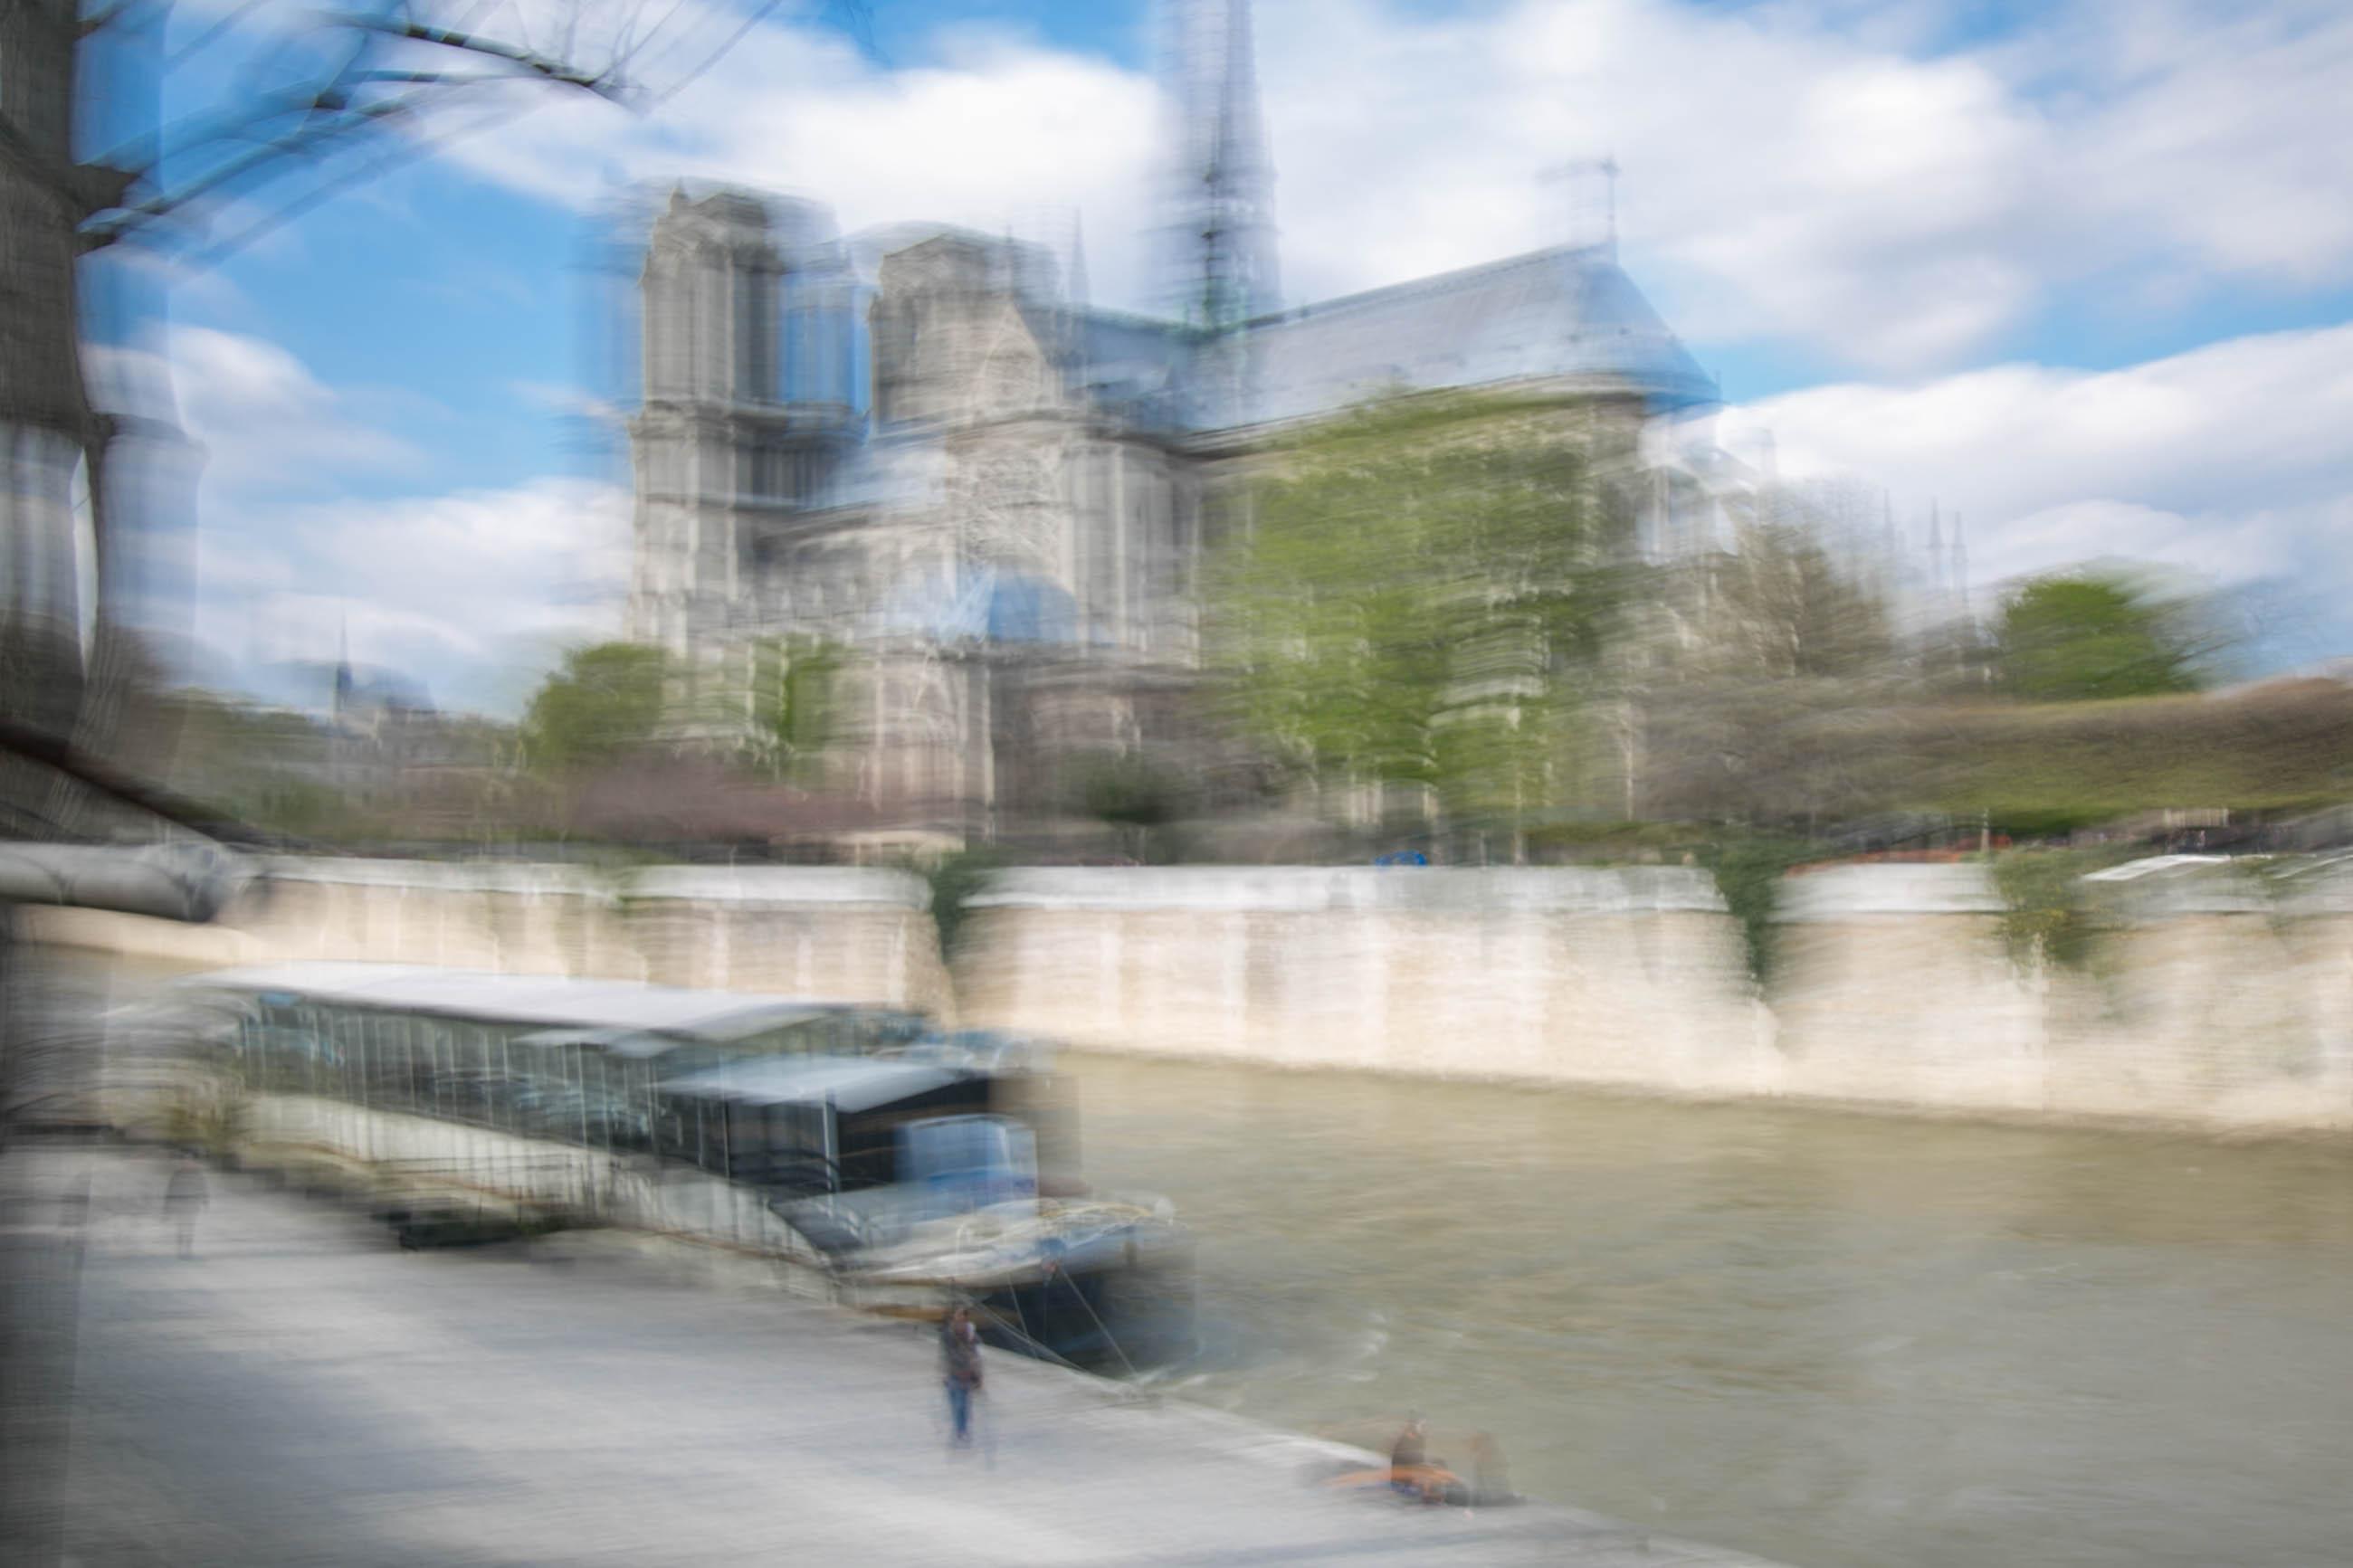 Paris in motion